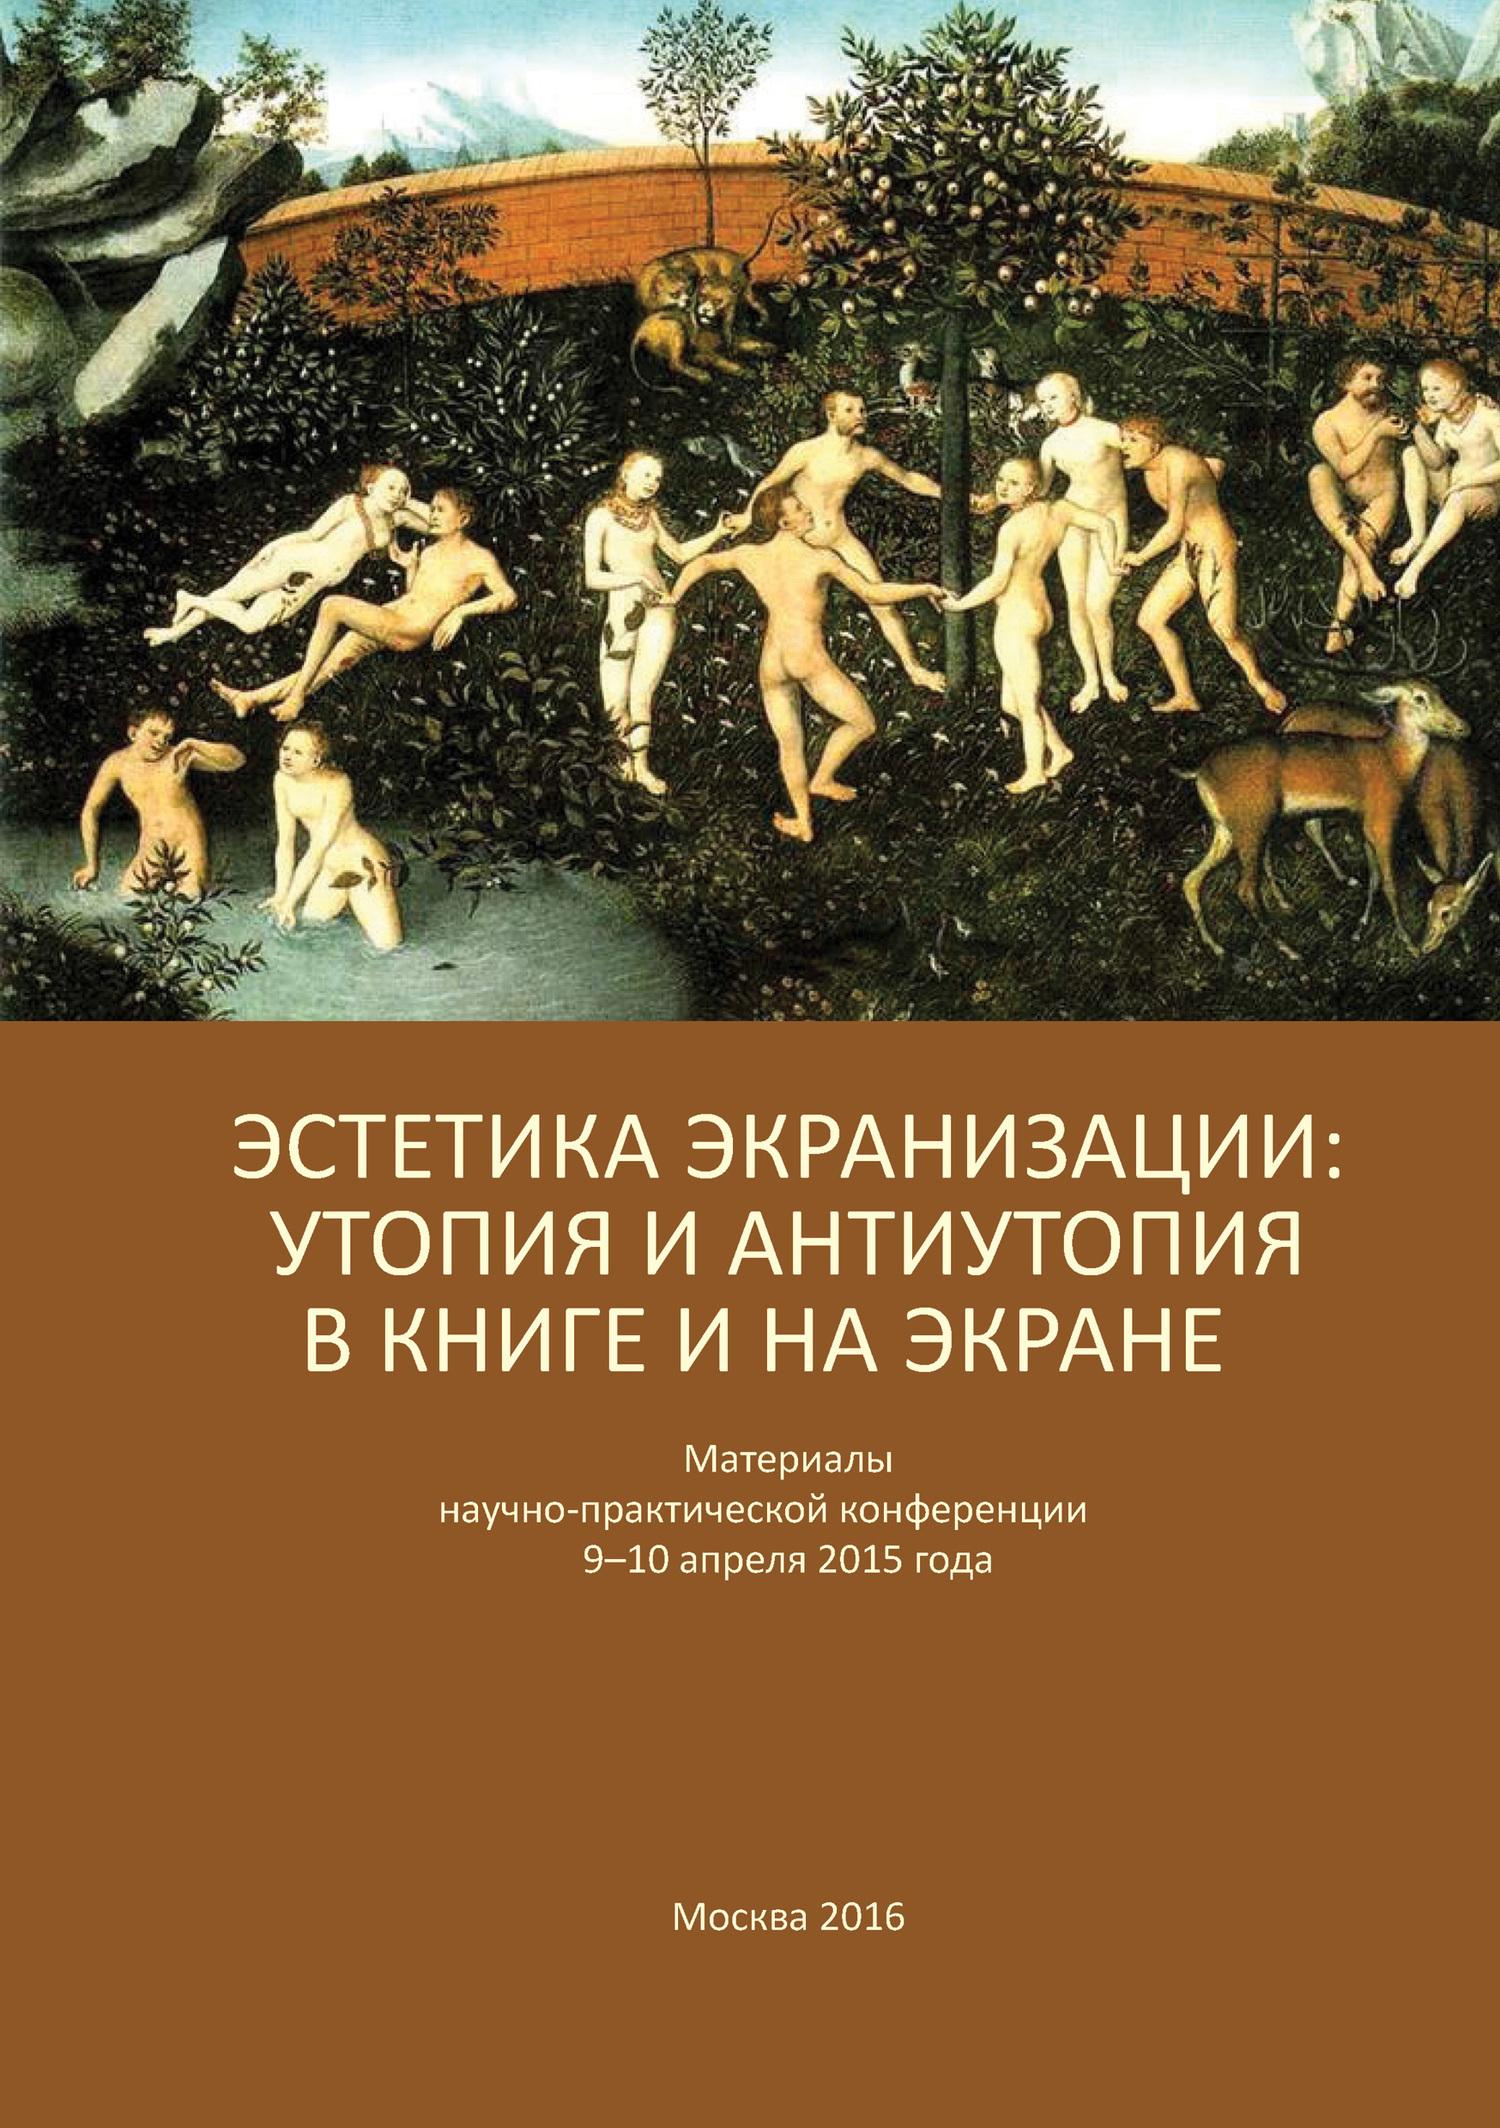 Книга Эстетика экранизации: утопия и антиутопия в книге и на экране. Материалы научно-практической конференции 9–10 апреля 2015 года